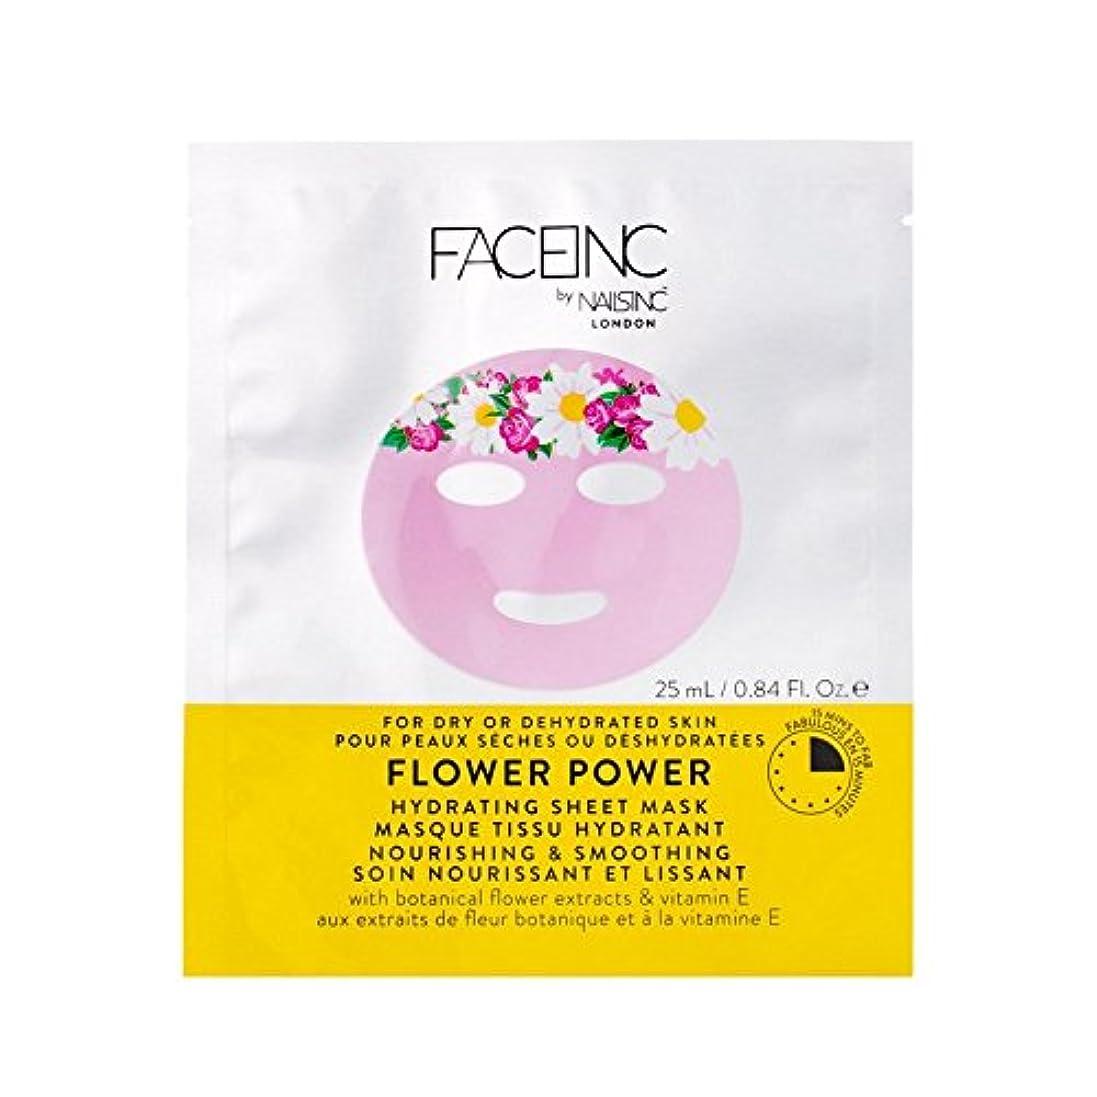 増強崇拝する弾薬爪が株式会社顔株式会社花のパワーマスク x2 - Nails Inc. Face Inc Flower Power Mask (Pack of 2) [並行輸入品]